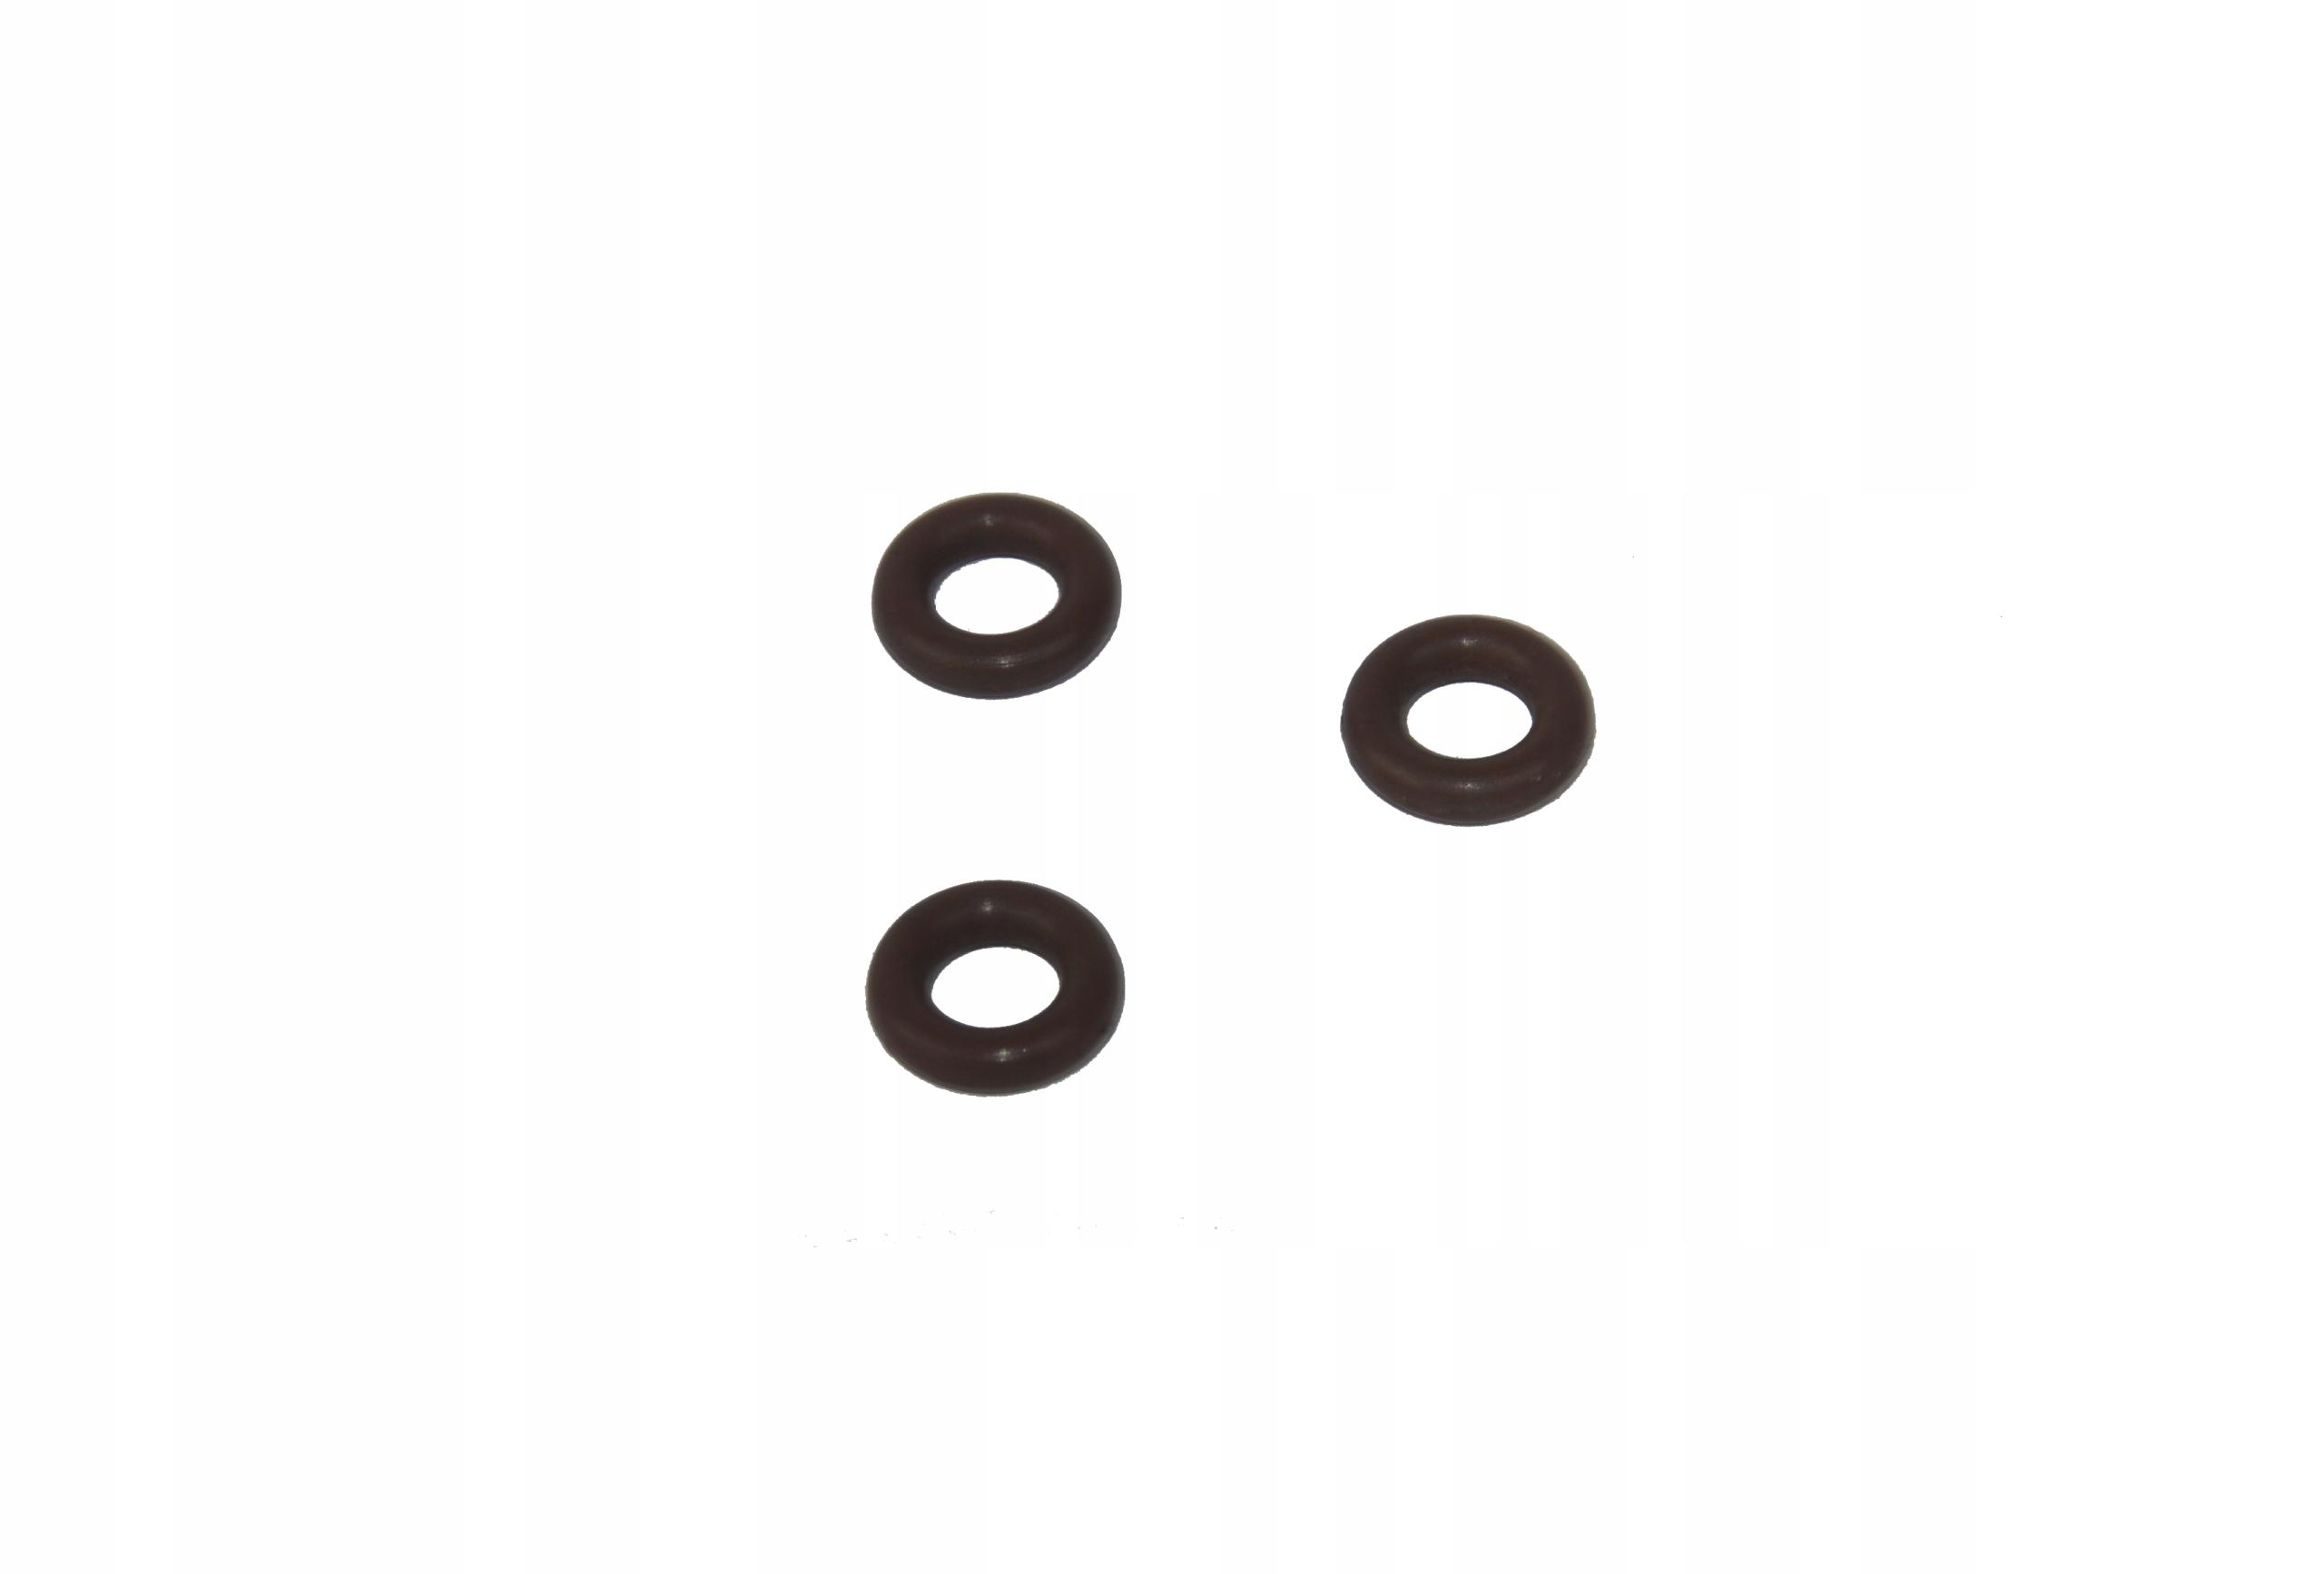 JCB ORING PERPILTI KURO 3,5 xo/D7,25 320/07034